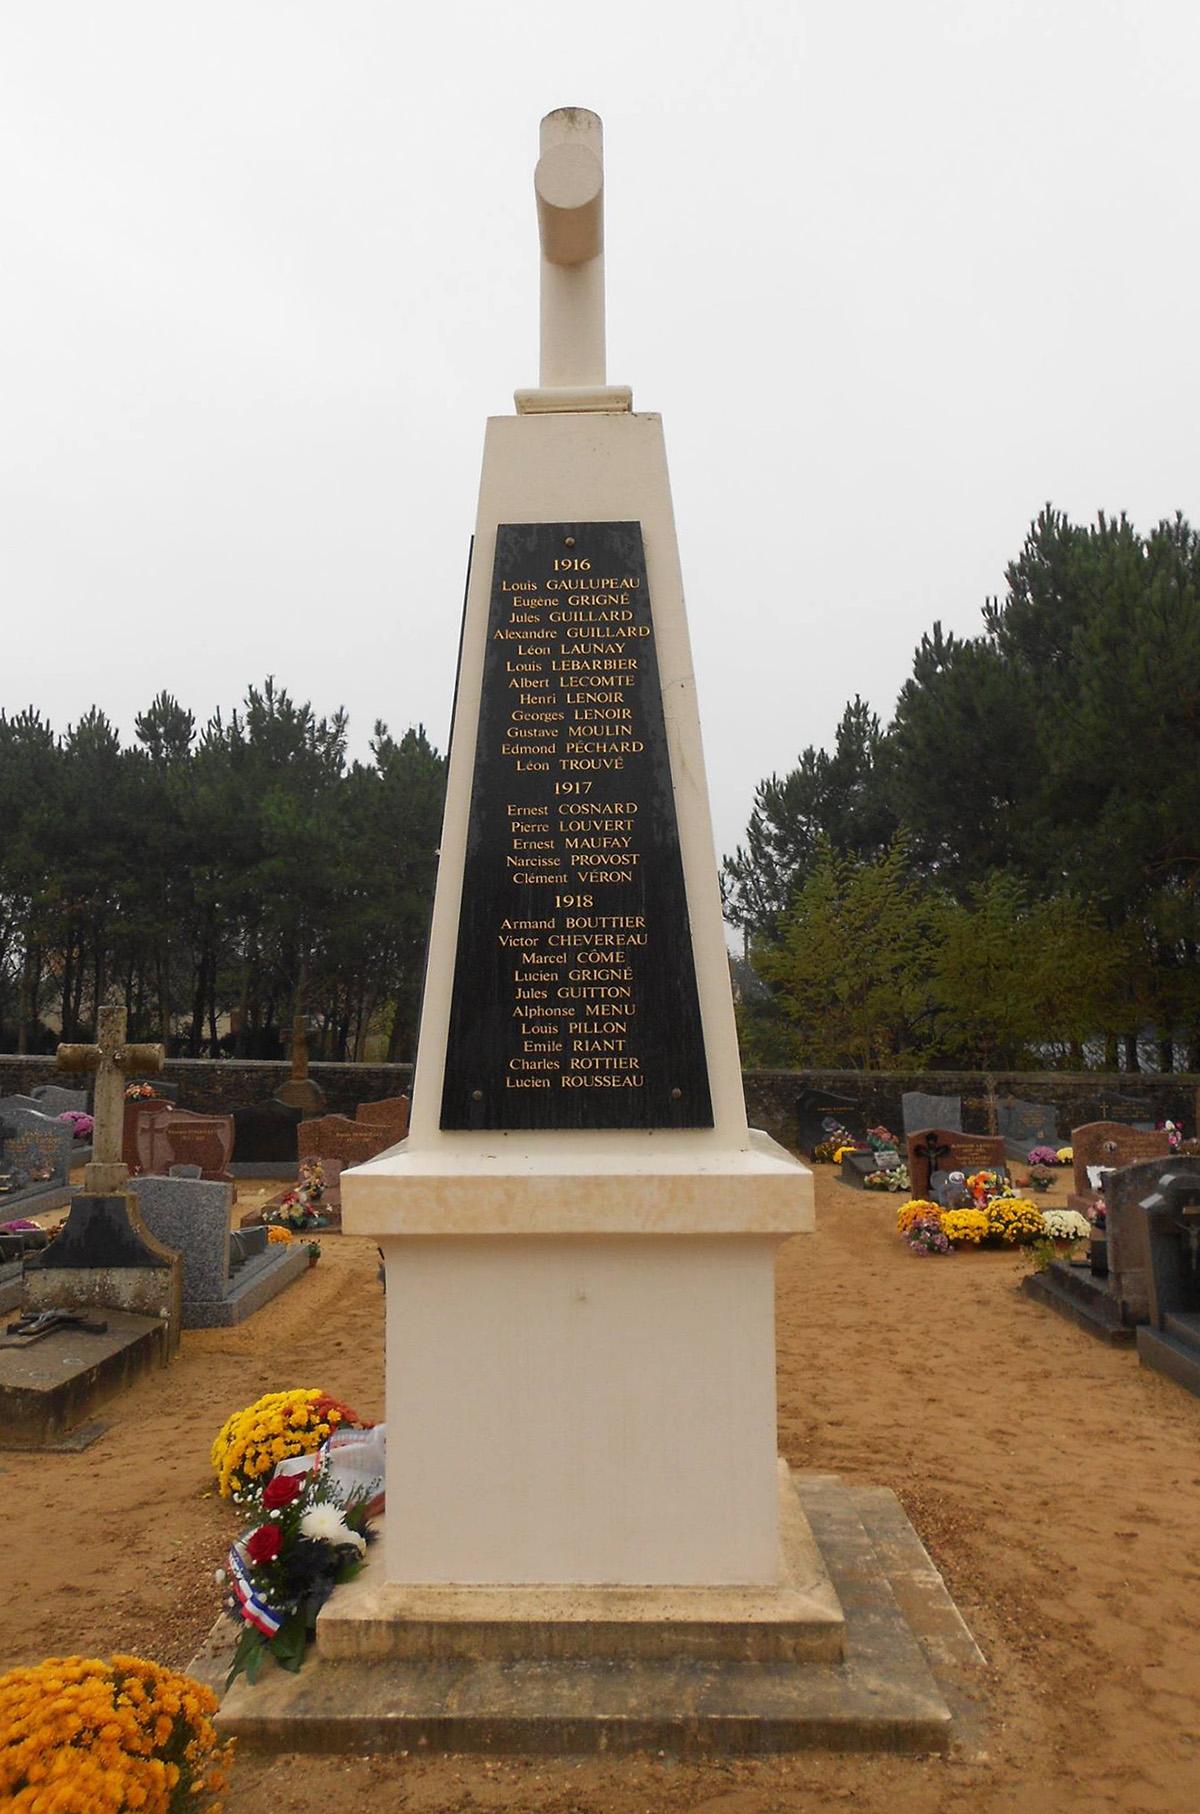 Lombron - Monument commémoratif - Aux enfants de Lombron morts pour la patrie - Années 1916-17-18 - Vue 01 (Romain Christopher Guillaume Lépine)